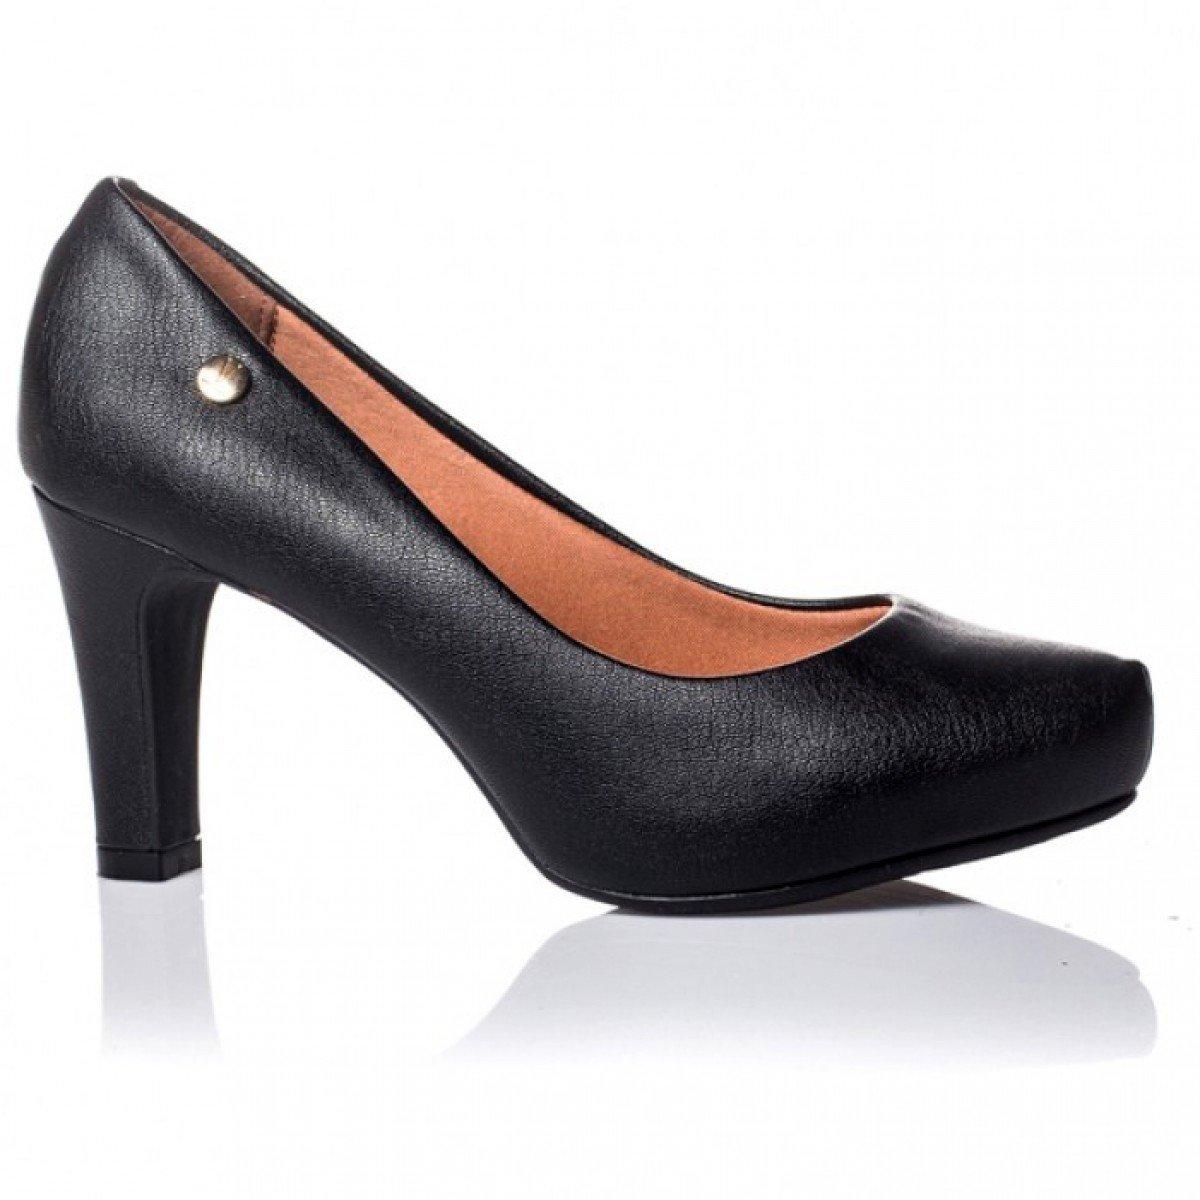 cc1524fb26 Sapato Feminino Vizzano Napa London Preto - Compre Agora